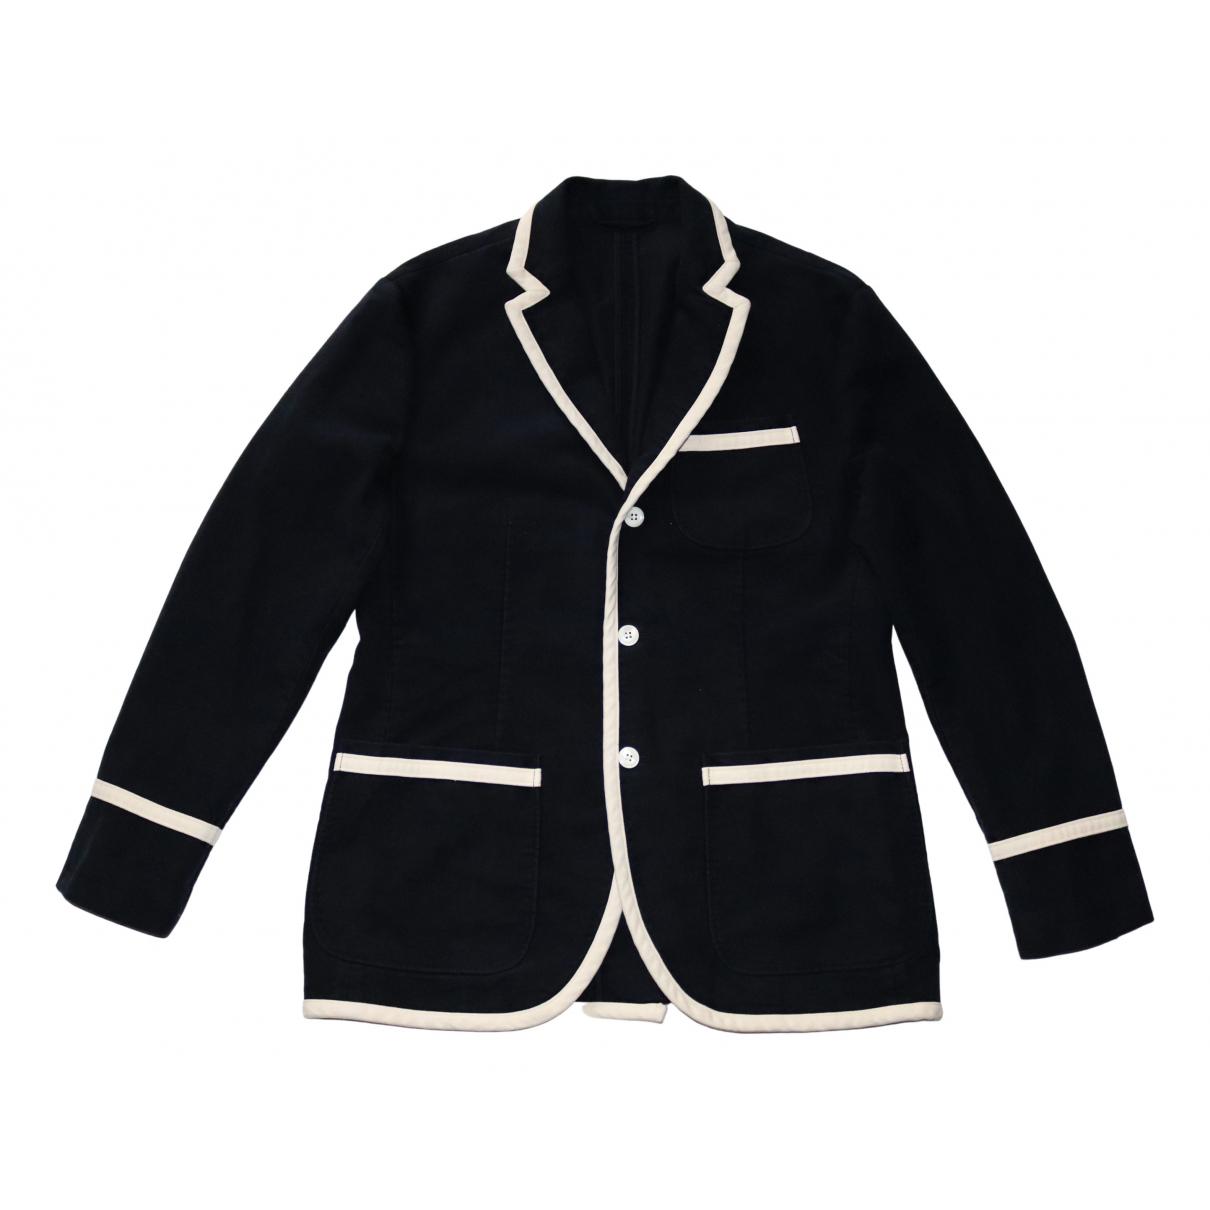 Polo Ralph Lauren N Navy Cotton jacket  for Men 40 UK - US